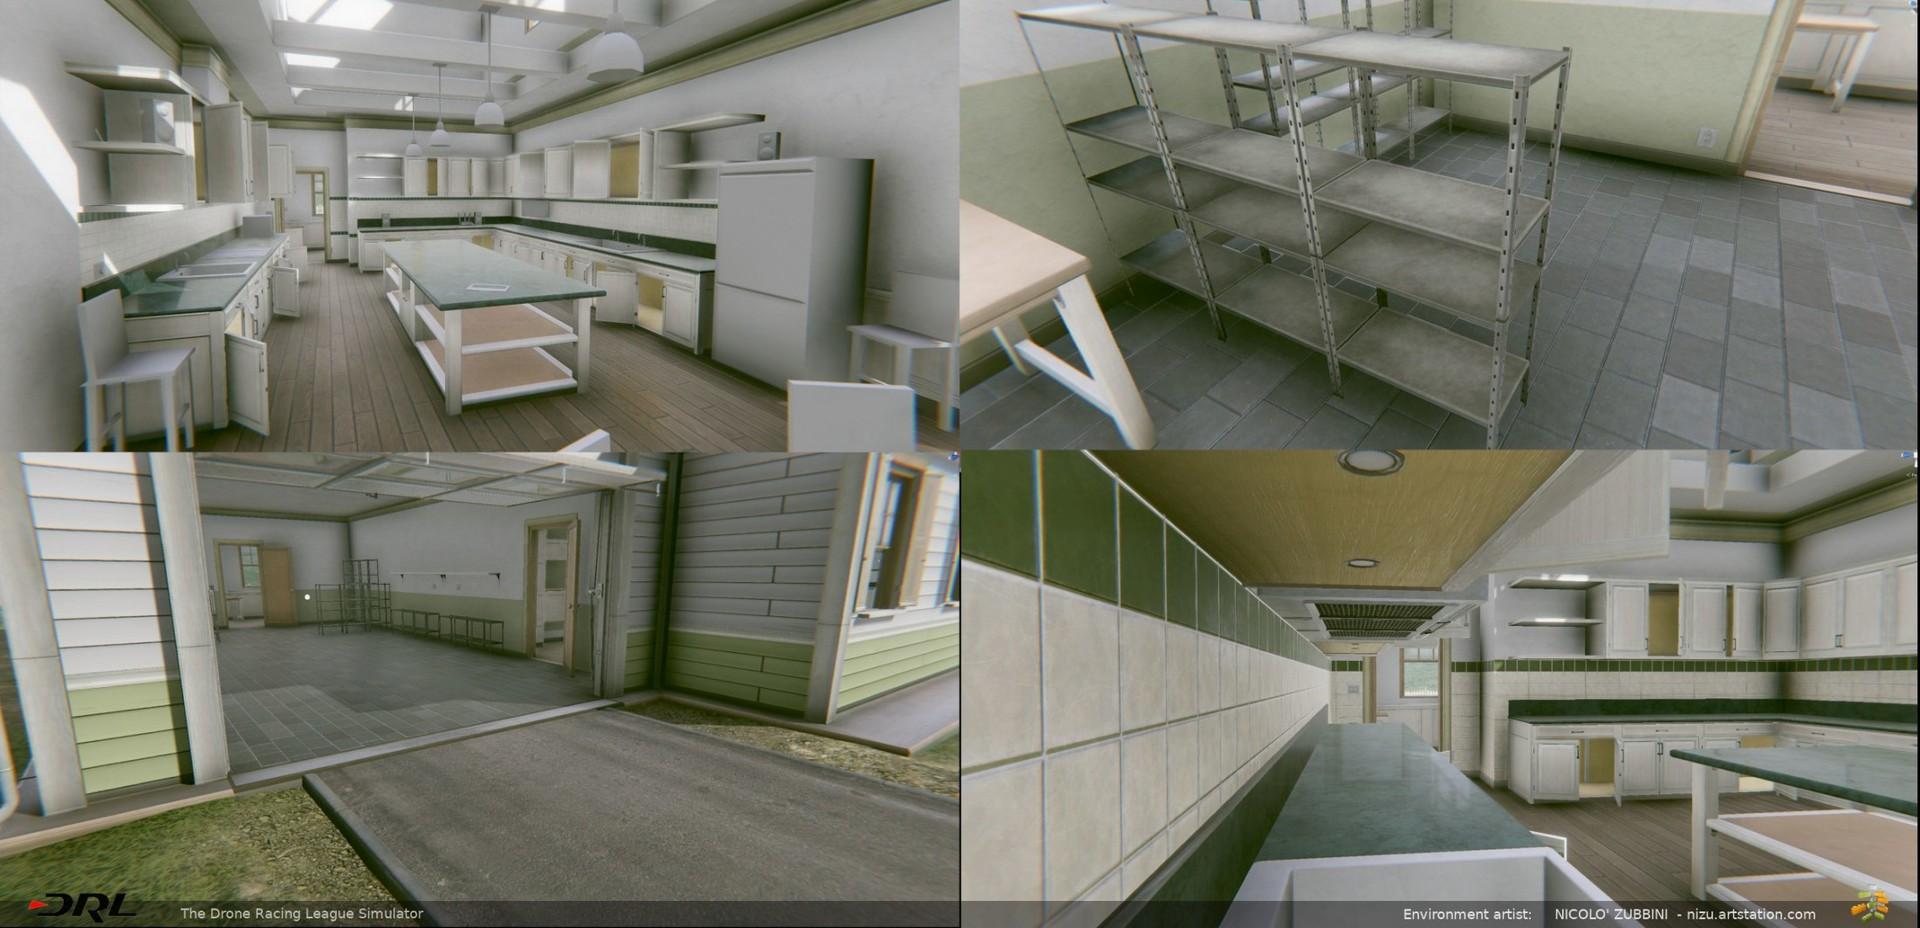 Nicolo zubbini cox house 07